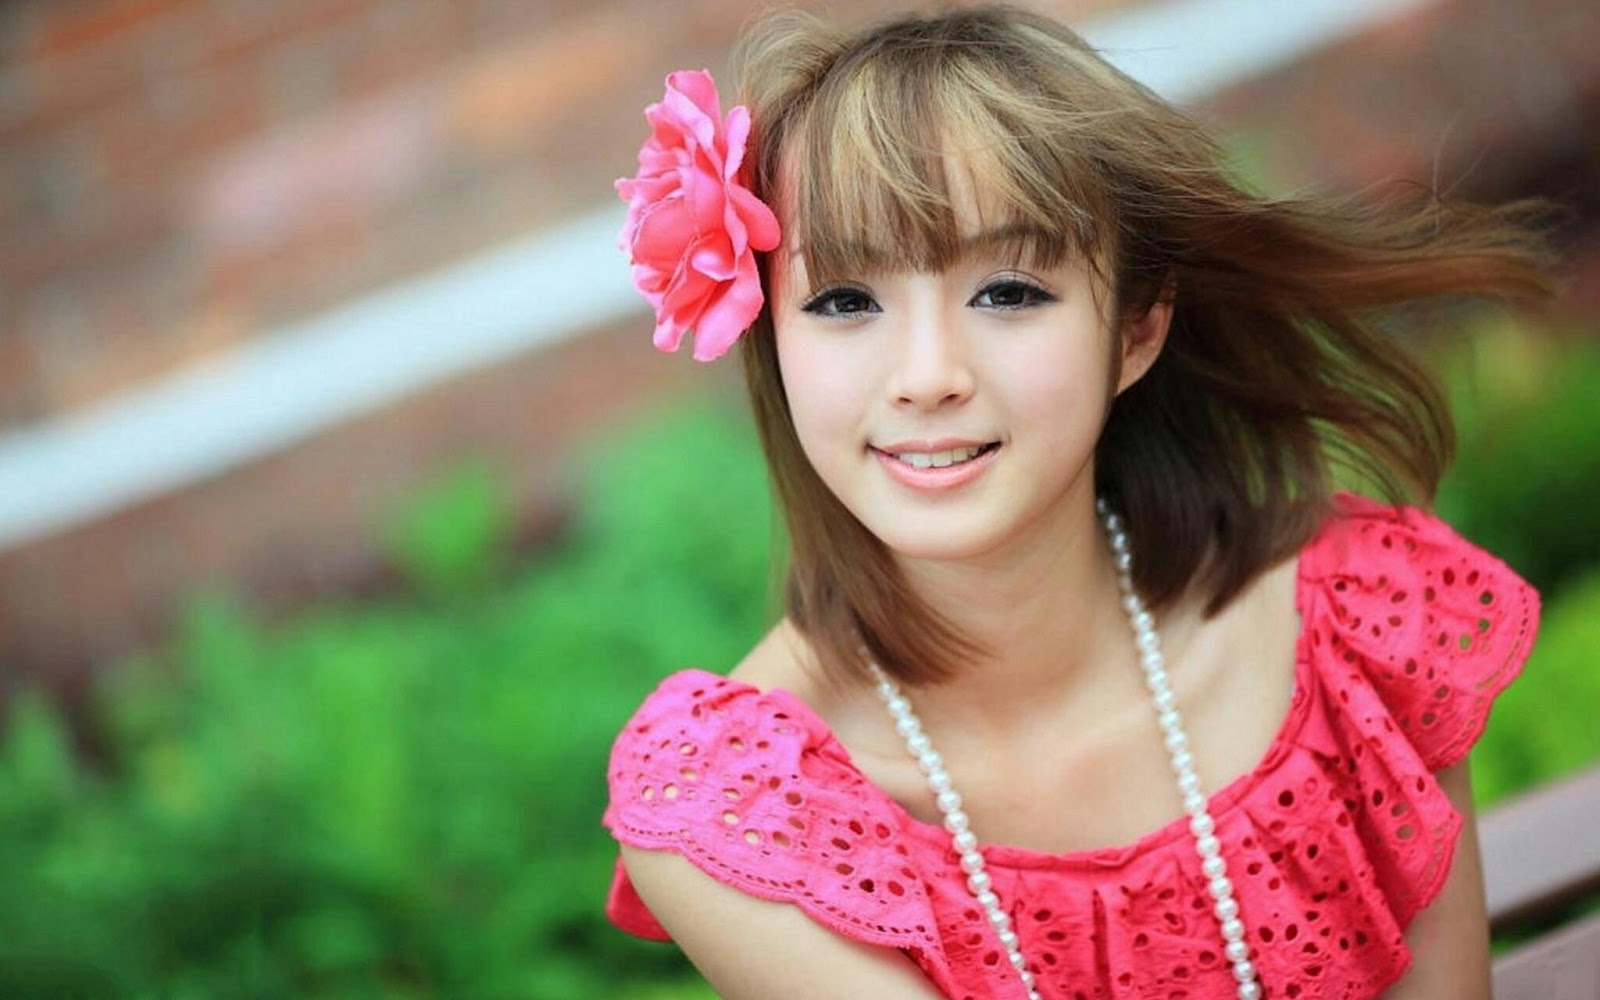 cute beautiful young girls wallpapers | walpoza | hd wallpapers